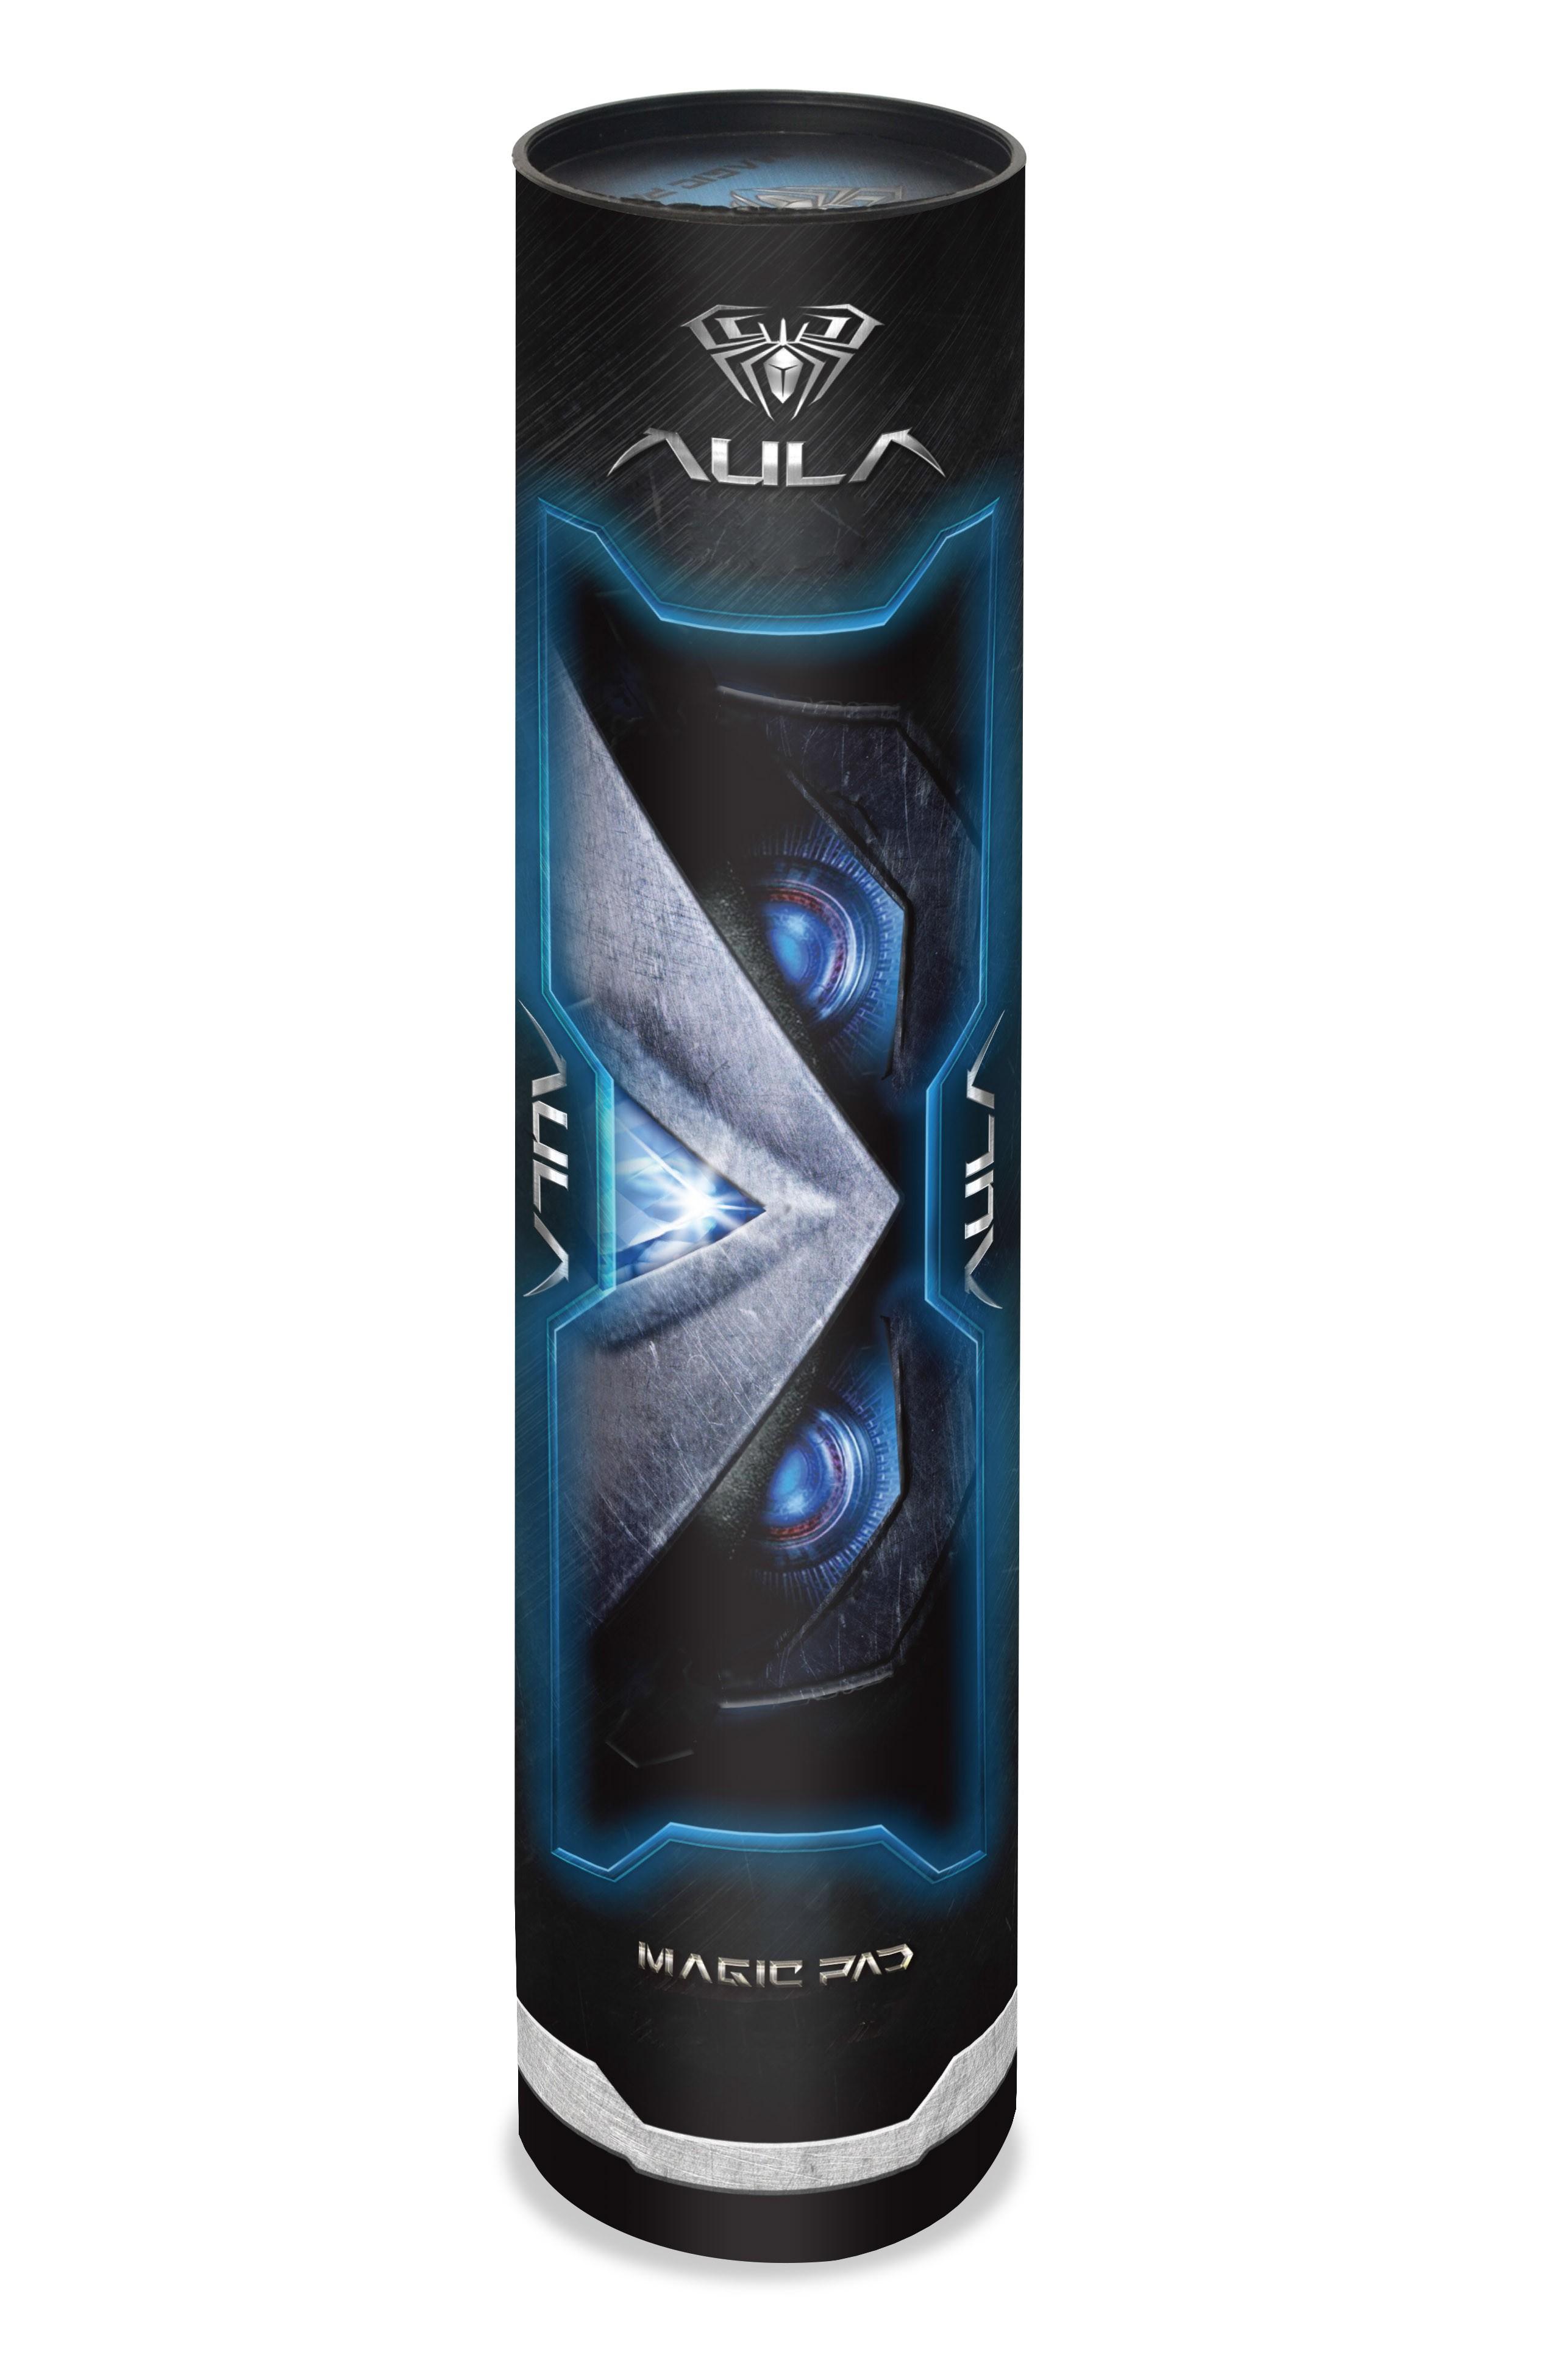 AULA Magic mouse pad 400x320x3mm